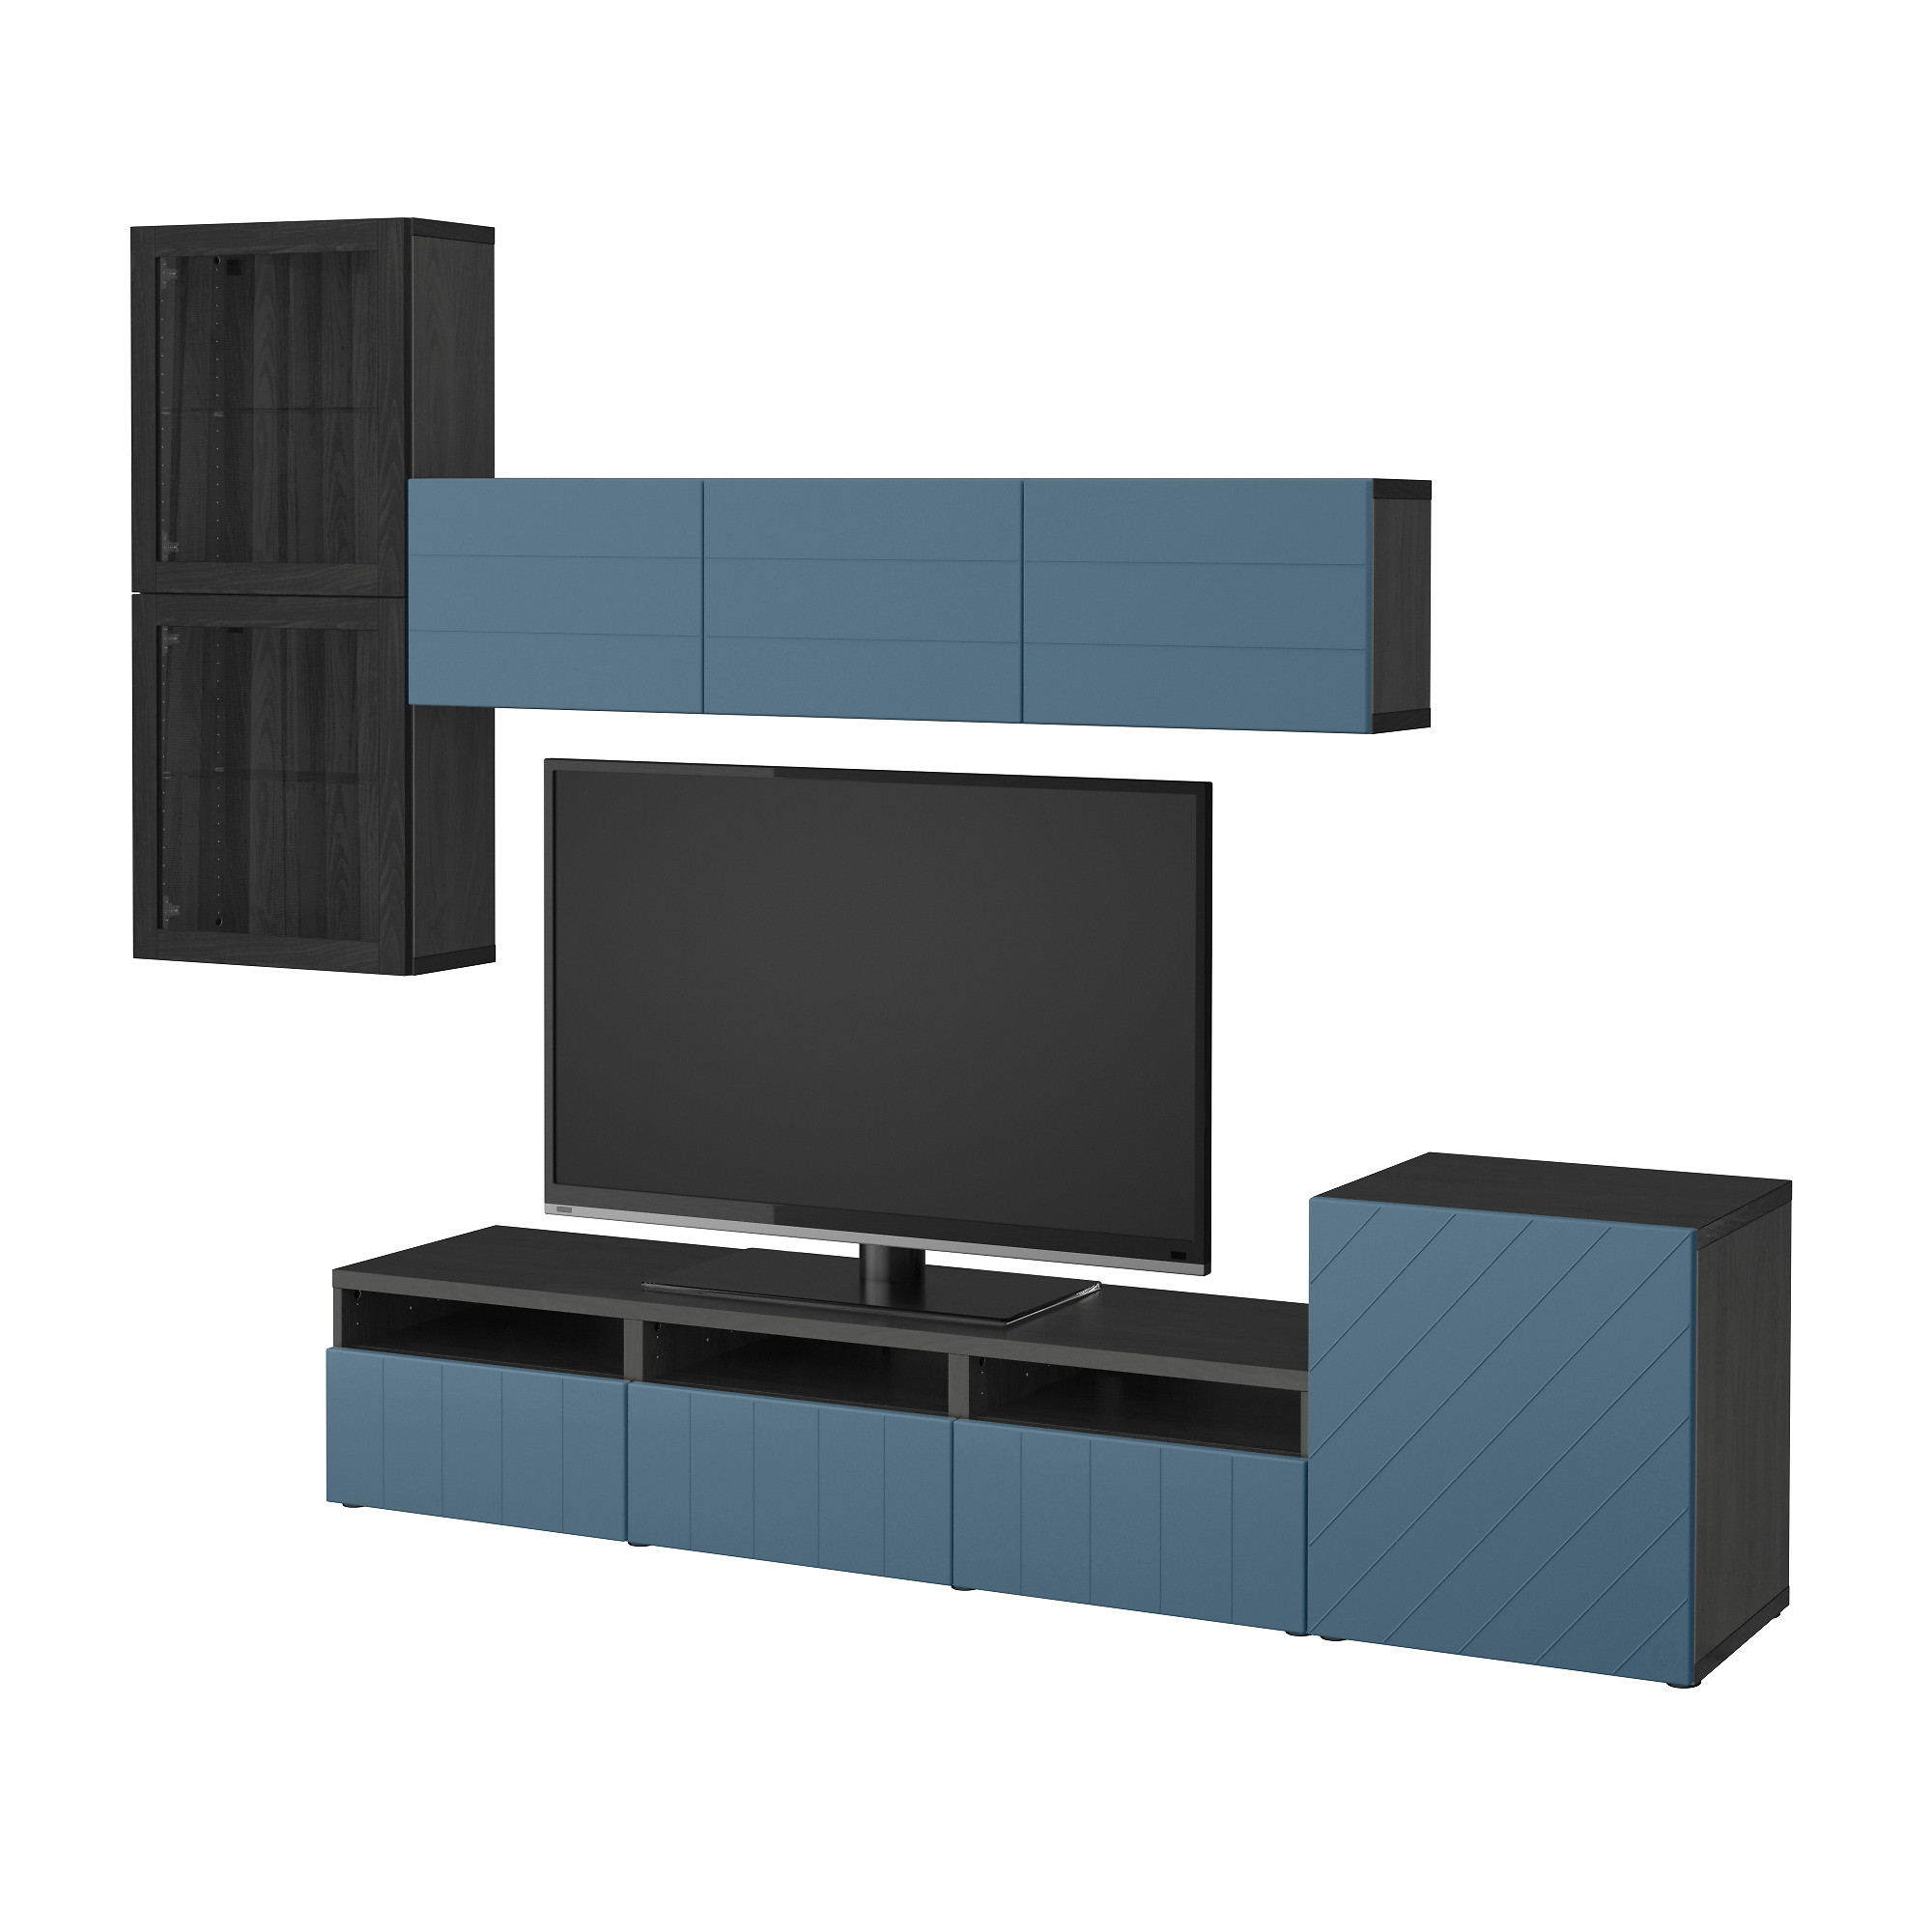 Шкаф для ТВ, комбинированный, стекляные дверцы БЕСТО темно-синий артикуль № 092.761.41 в наличии. Online сайт IKEA Минск. Недорогая доставка и соборка.